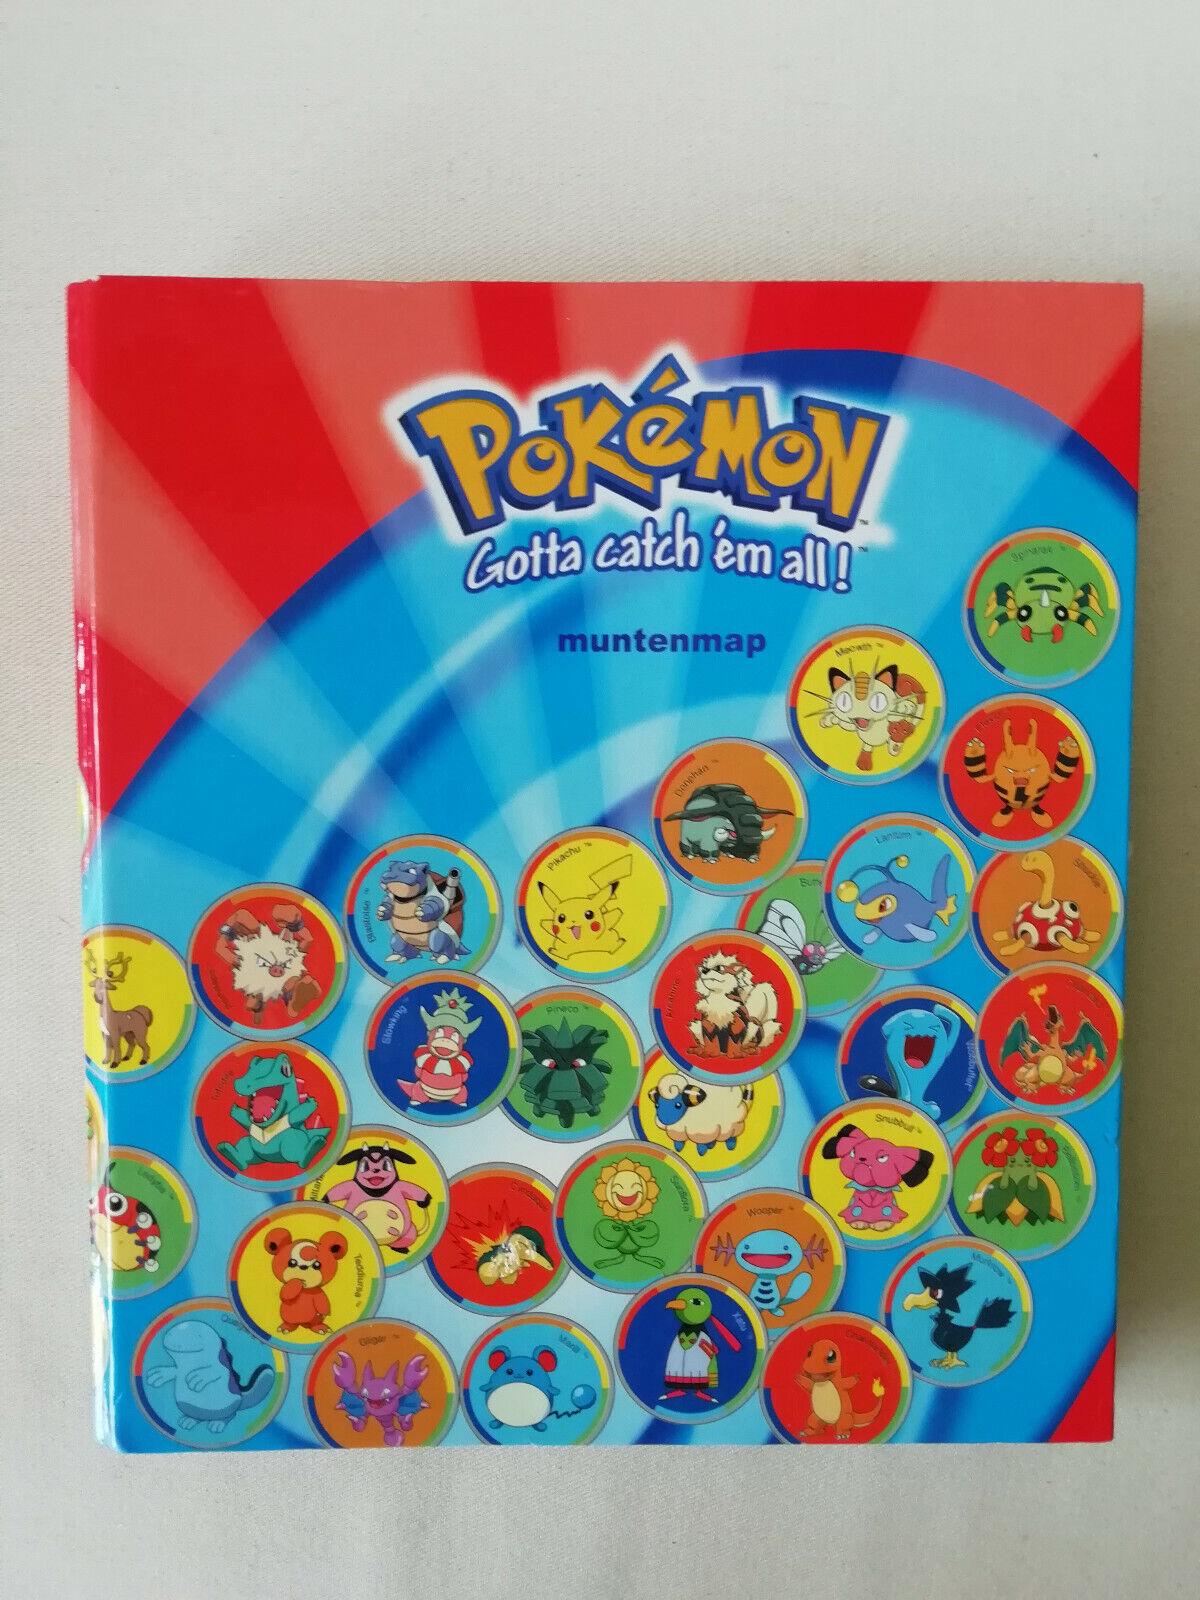 Pokemon pièces  jeu complet jouet collection FIGURES Metal TAZOS Pogs Battling coin  design simple et généreux